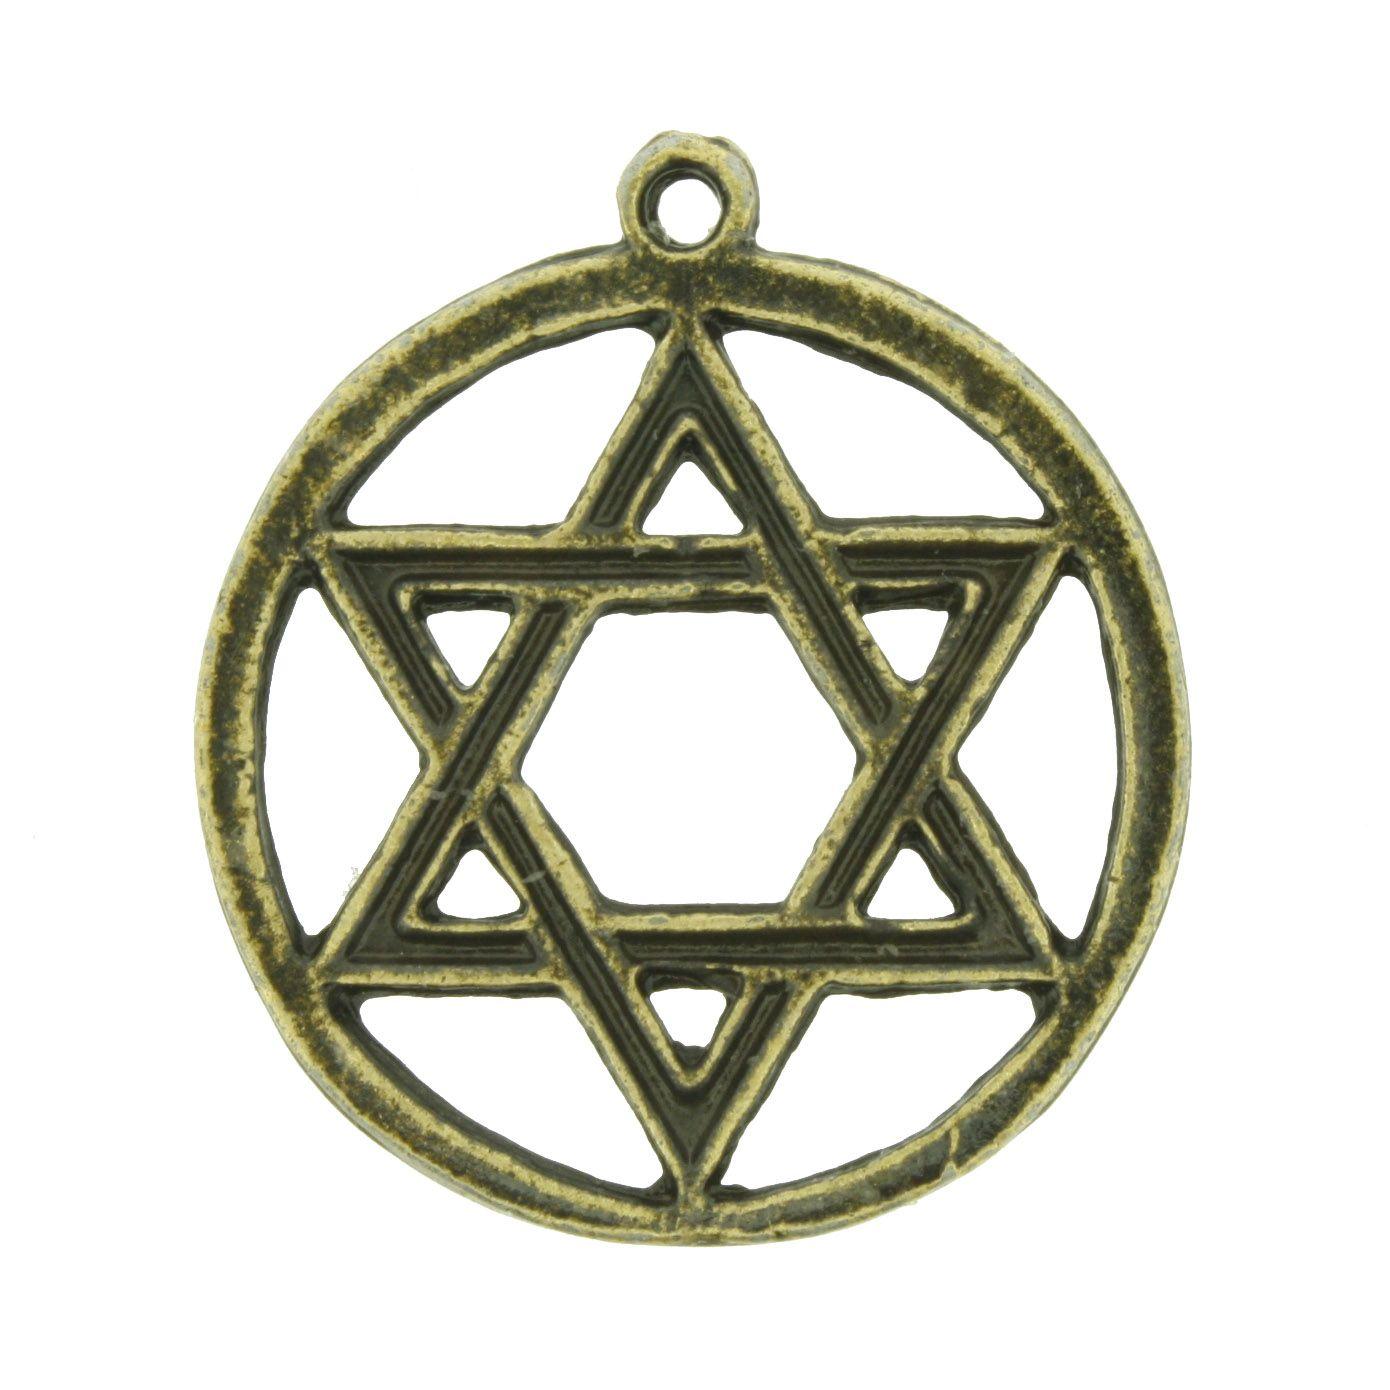 Estrela - Ouro Velho - 31mm  - Universo Religioso® - Artigos de Umbanda e Candomblé